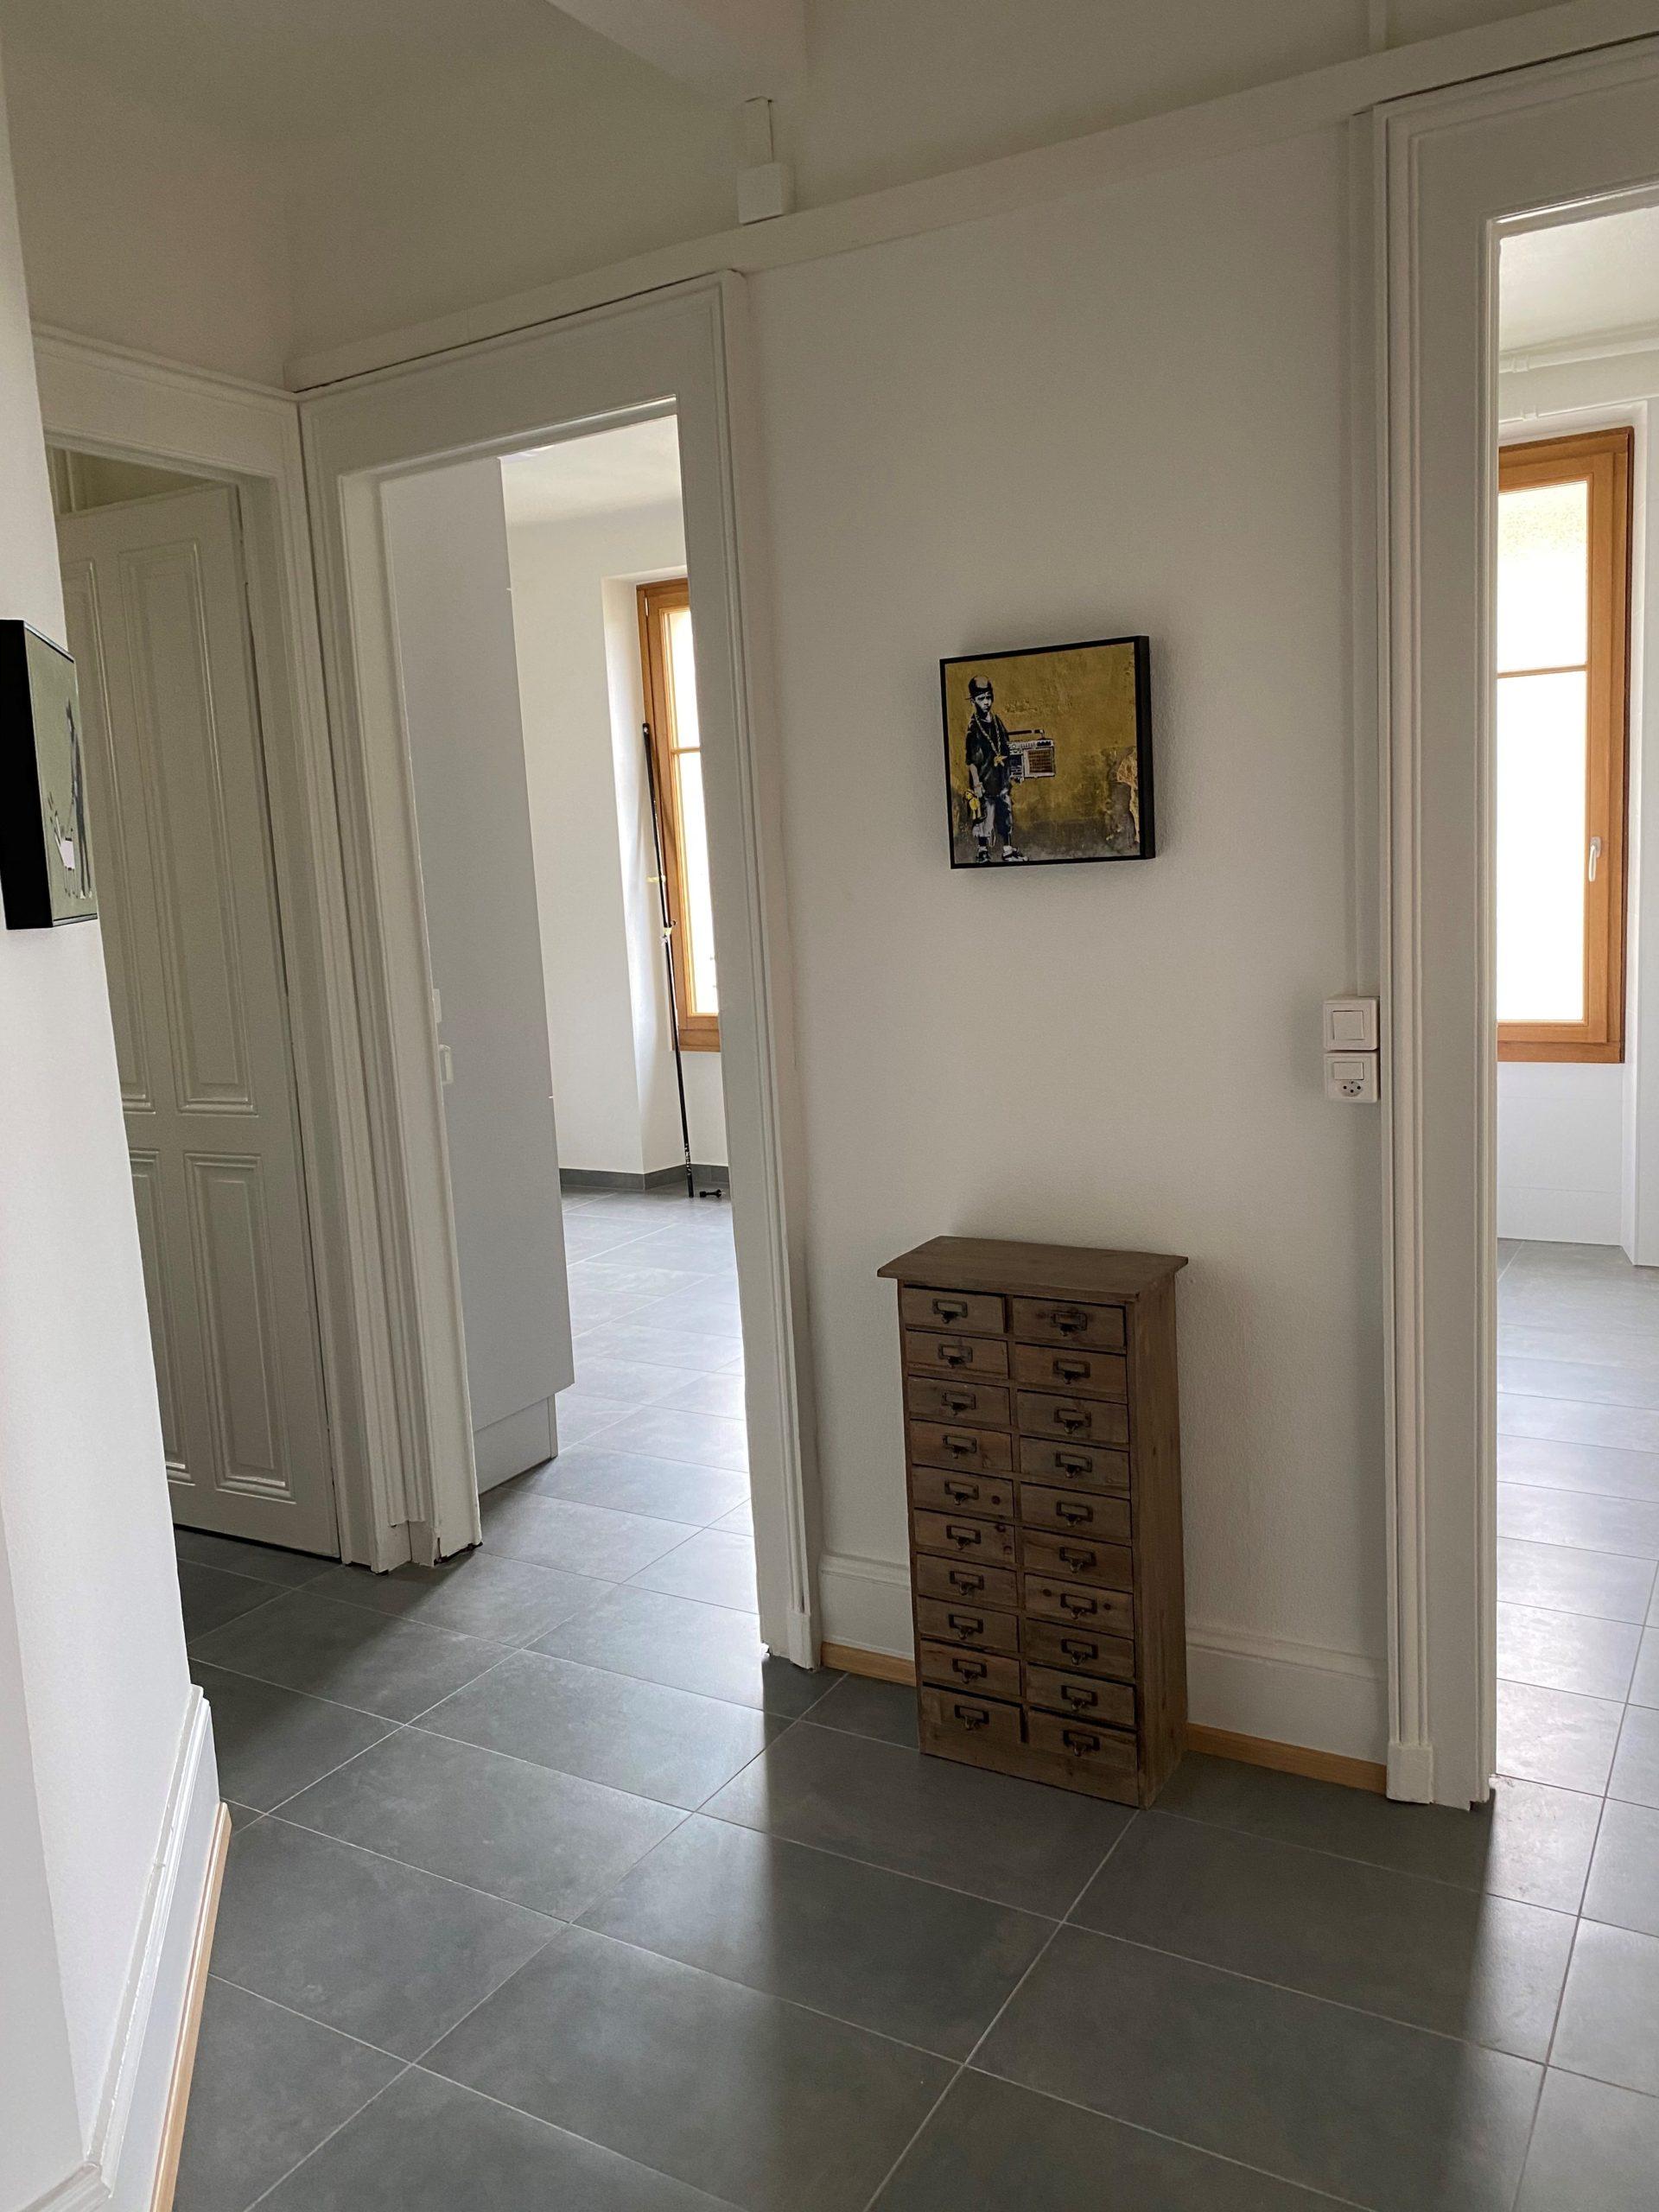 Av. des Alpes 2, Lausanne - 2,5 pièces 24